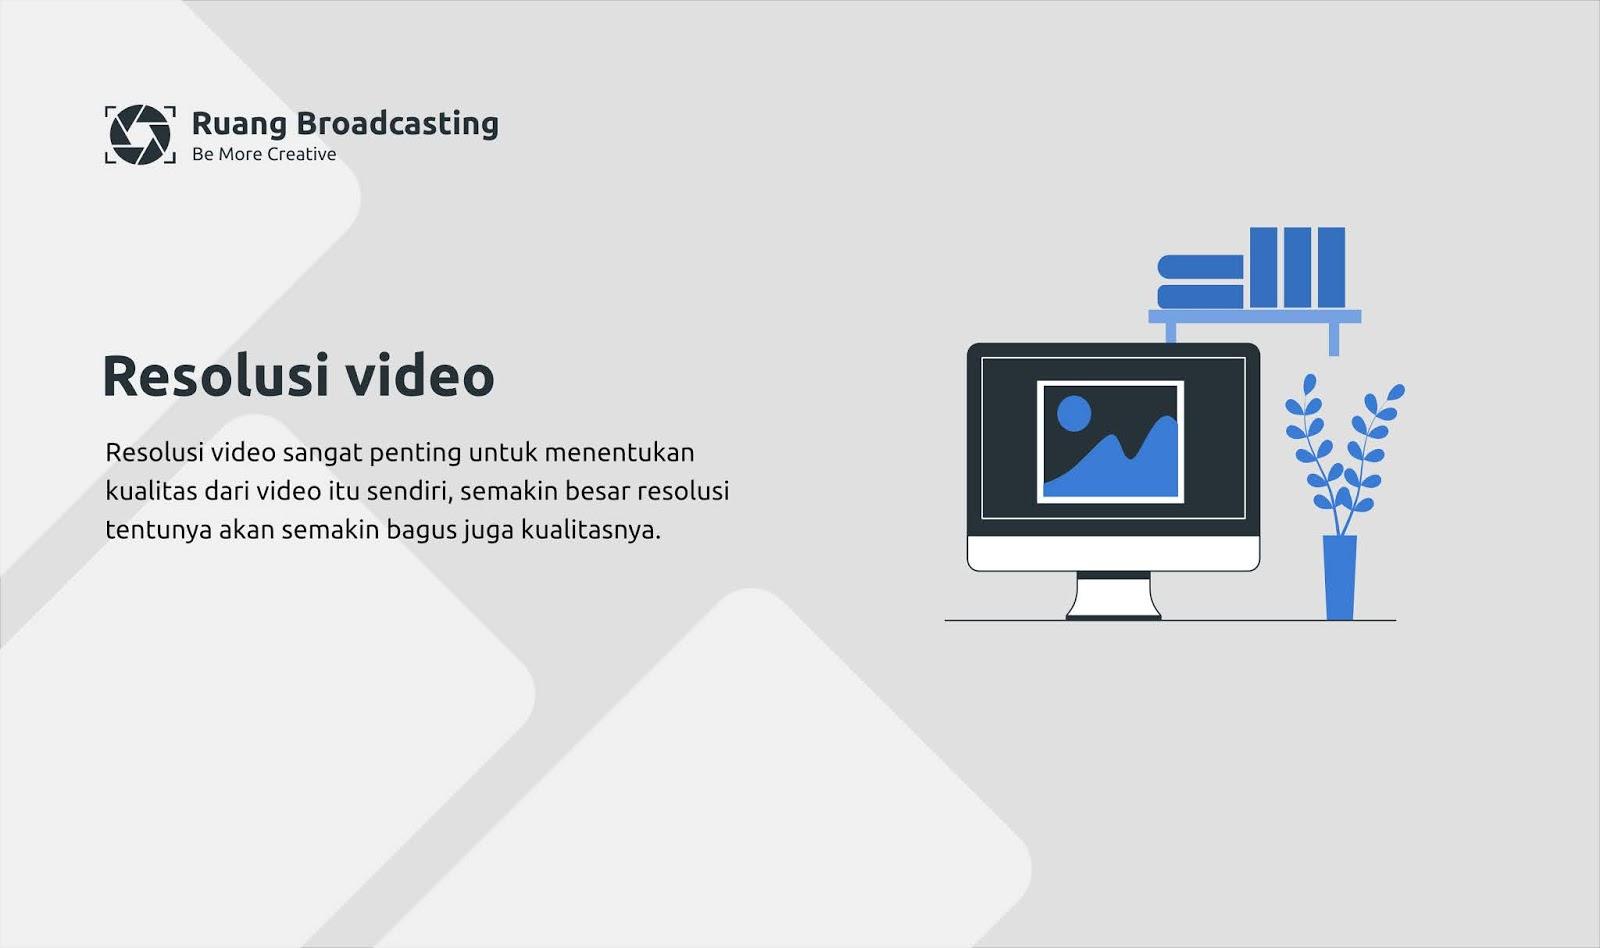 Jual footage video kalian ke shutterstock